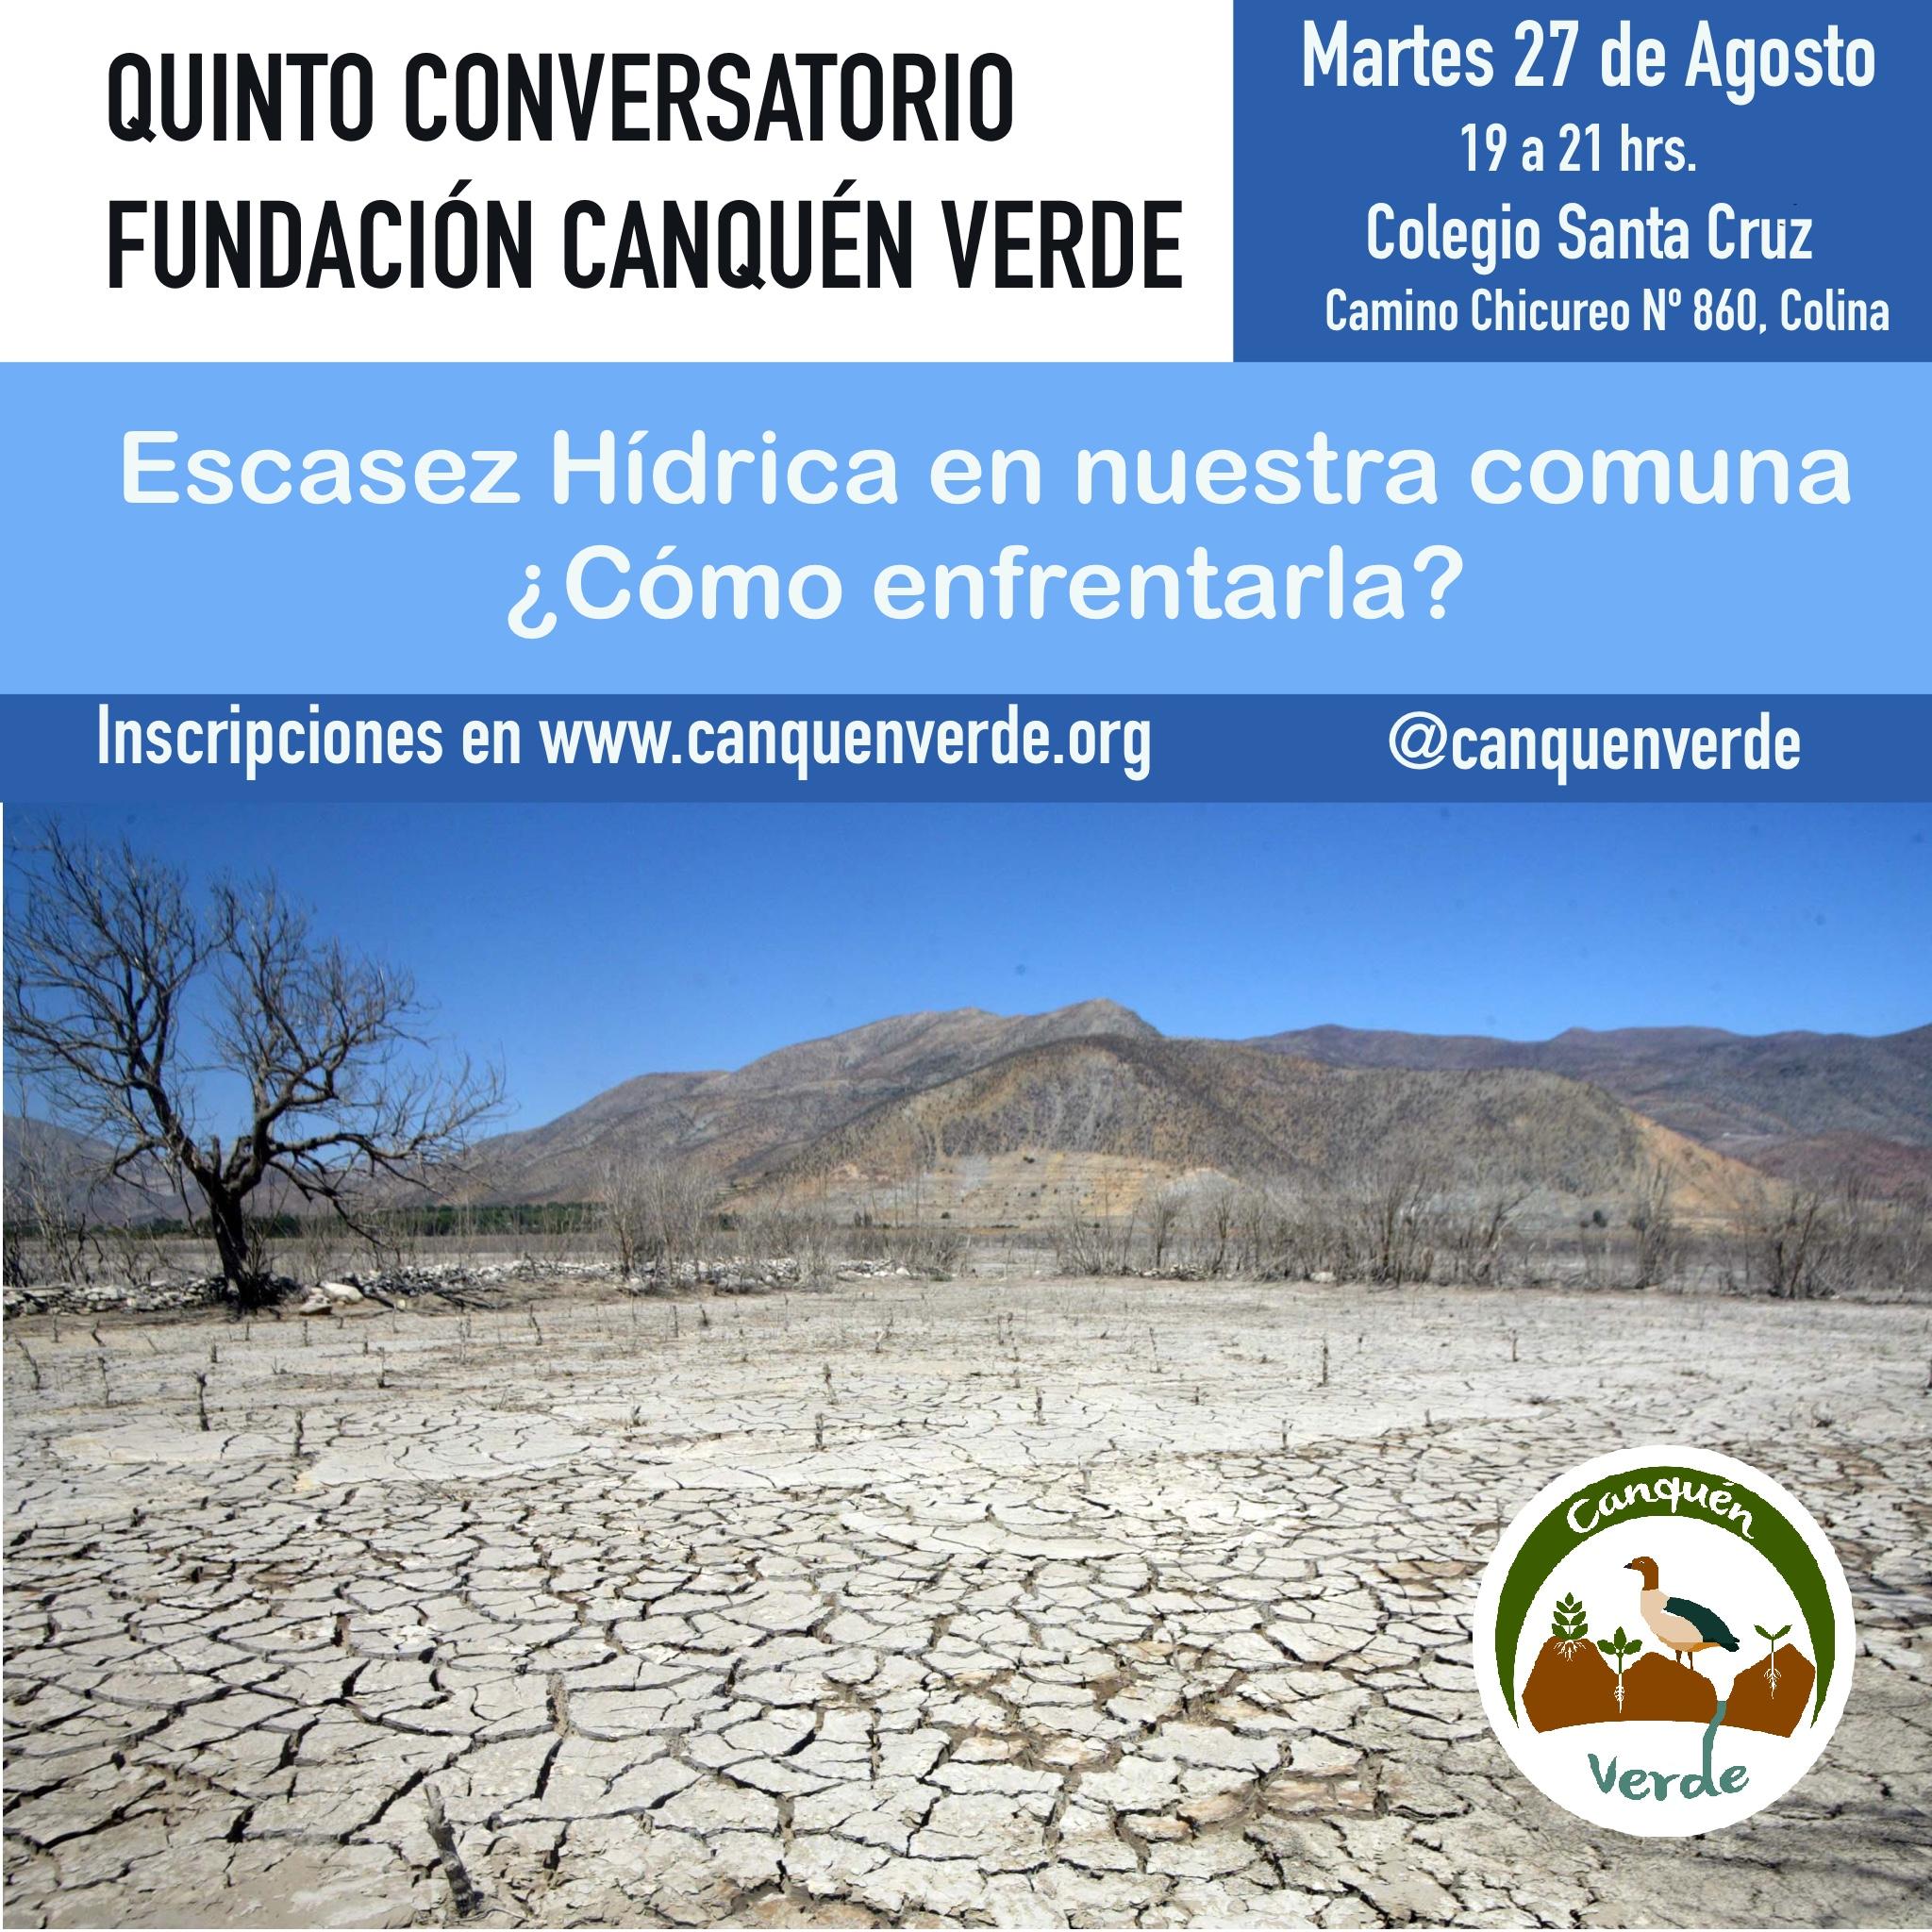 _Afiche_Quinto_Conversatorio_.jpg